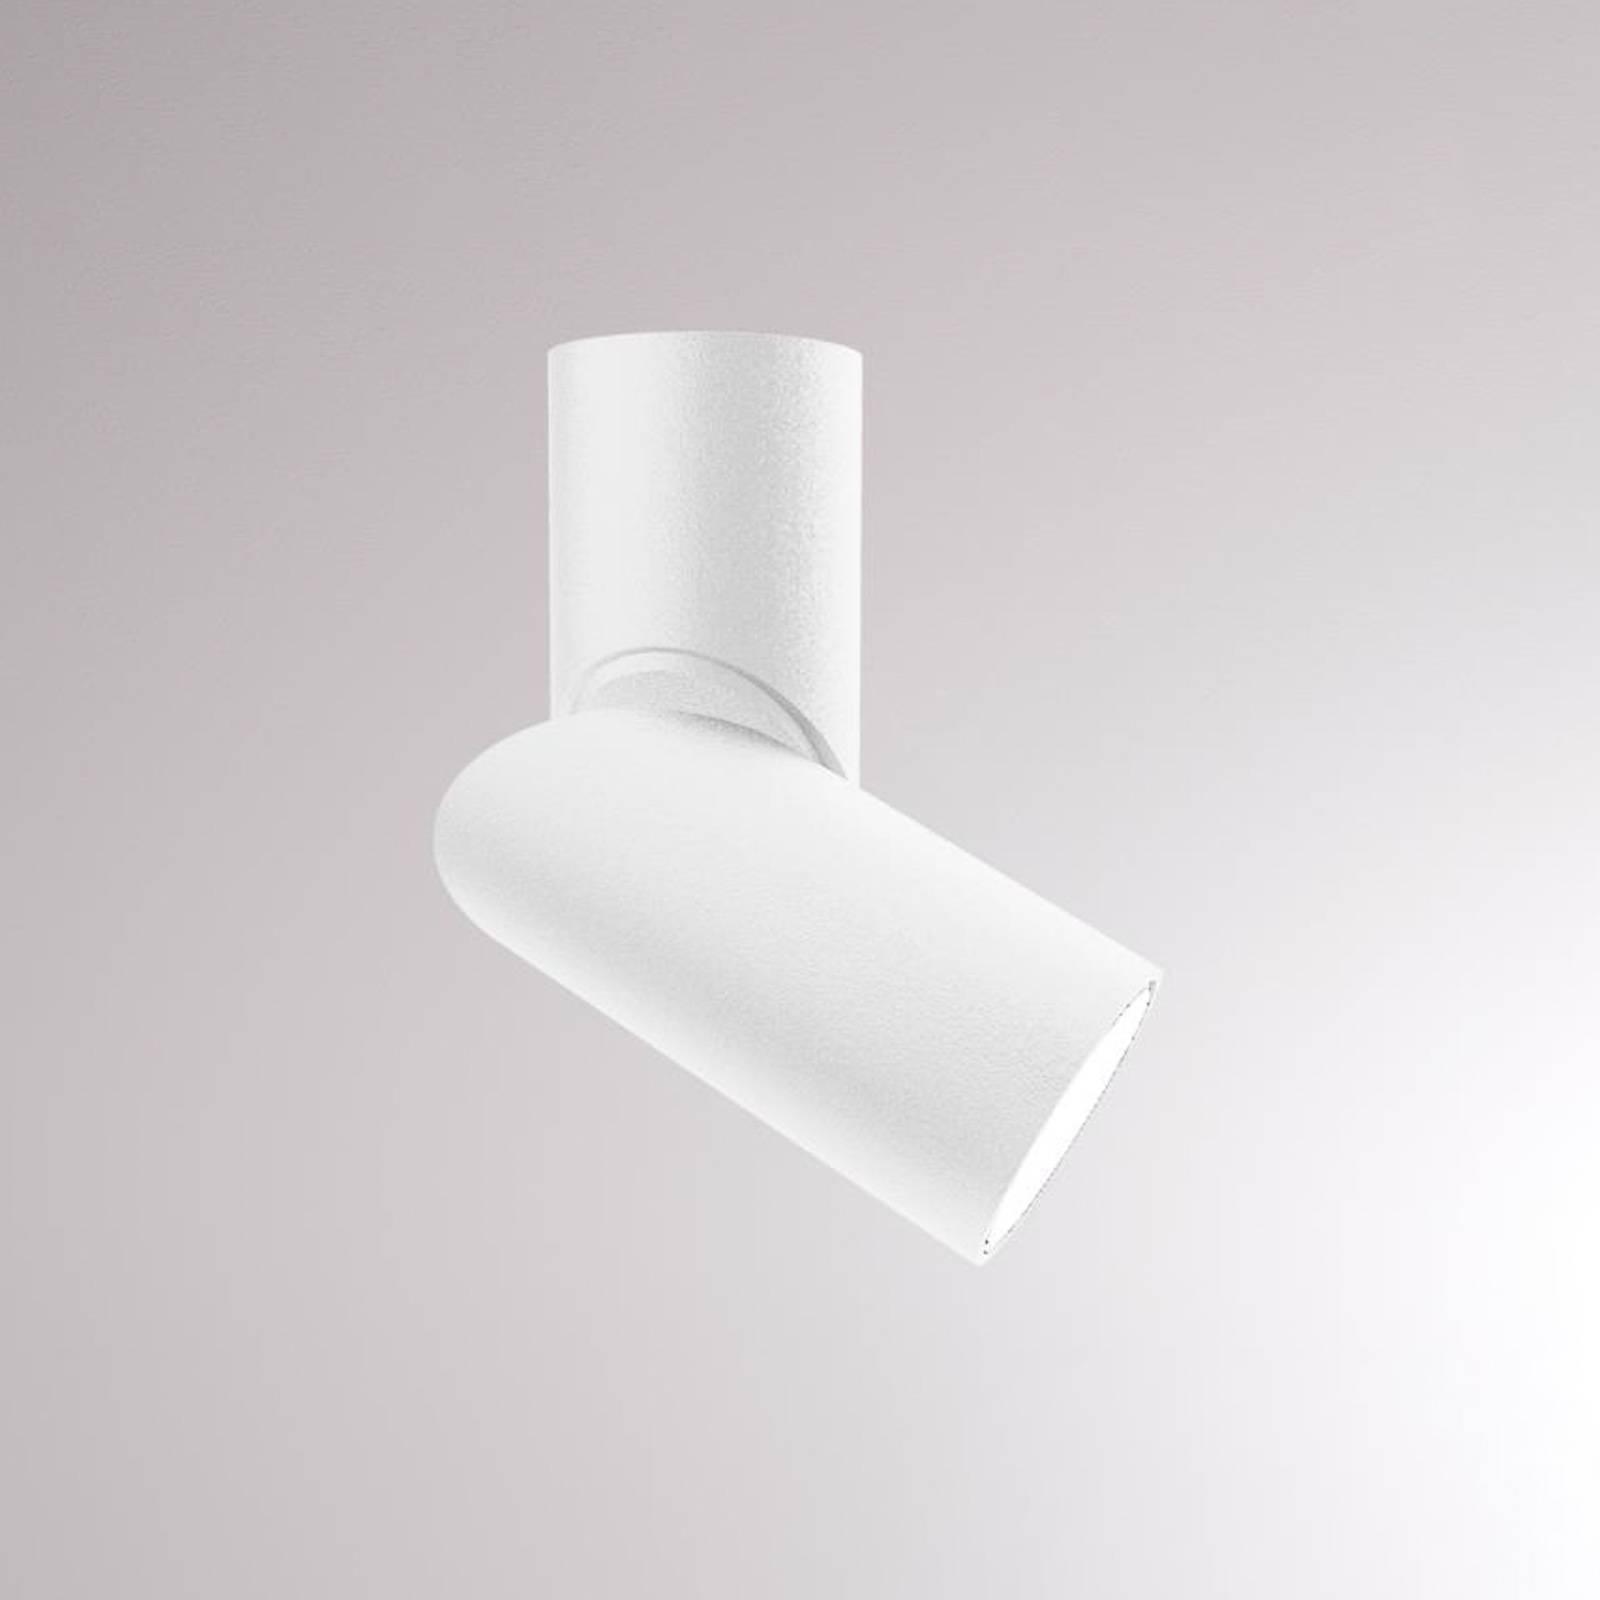 LOUM Turn 4 -LED-kattospotti, valkoinen